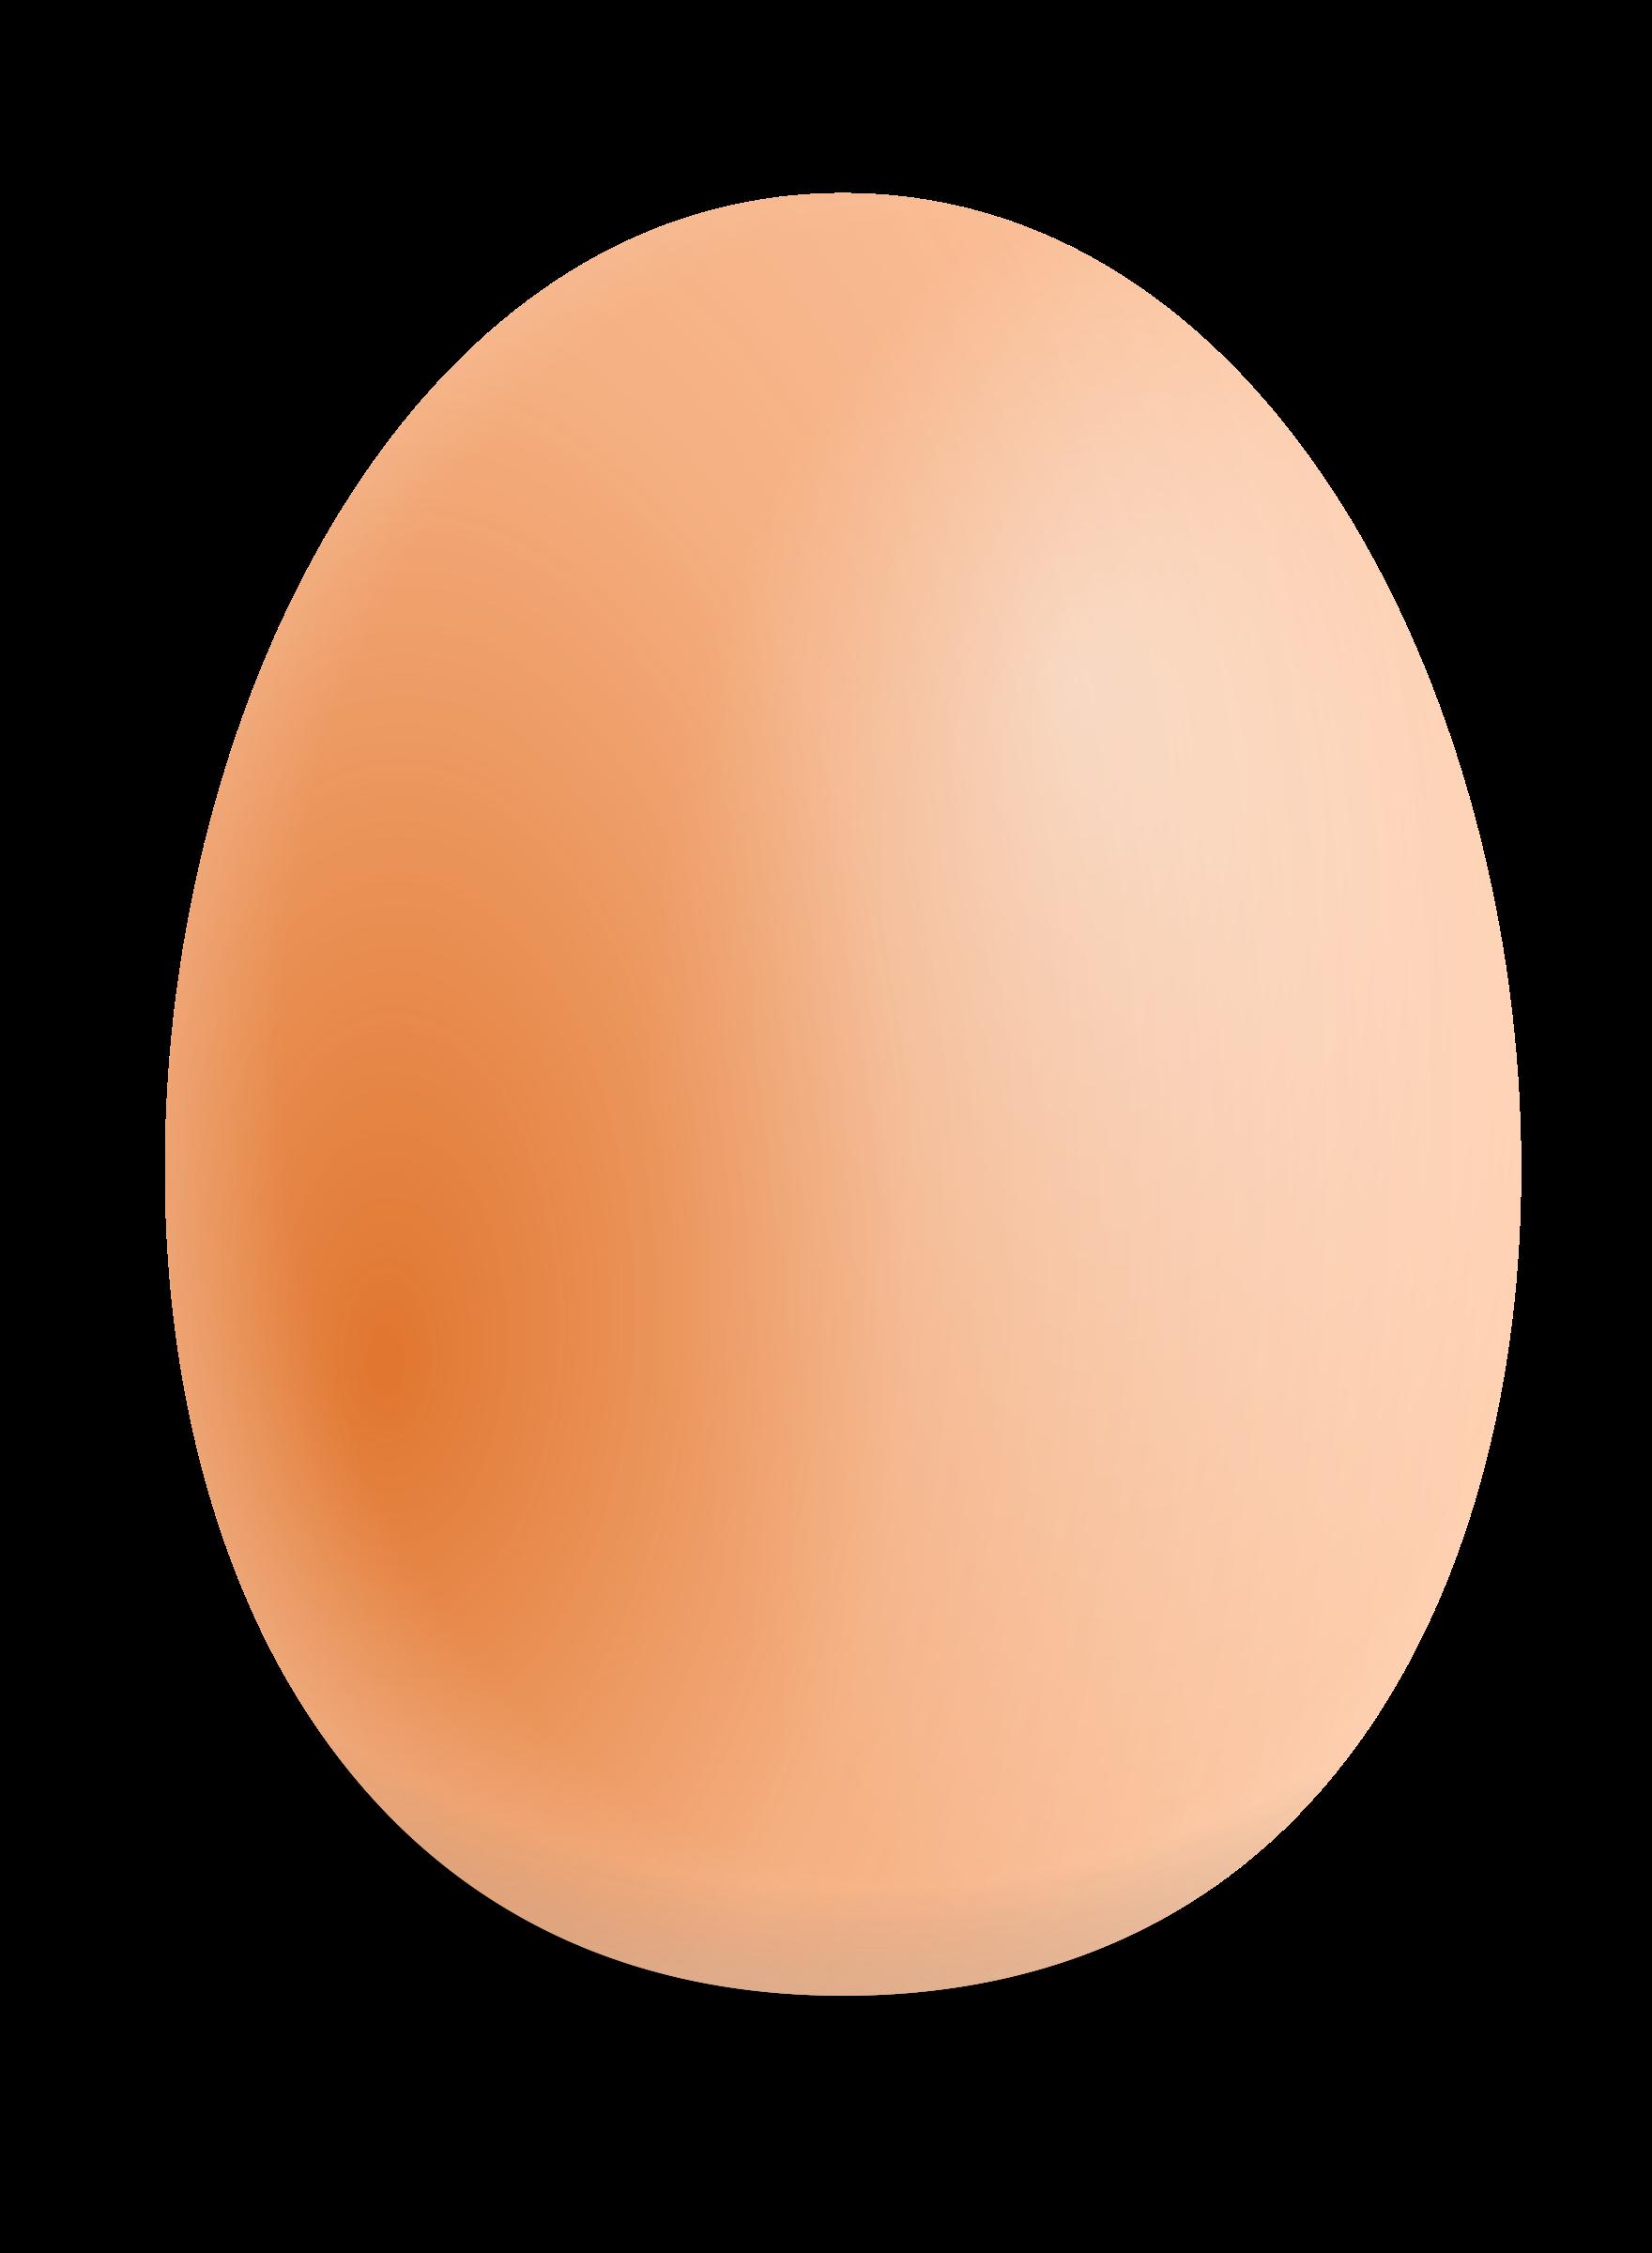 Egg clipart 2